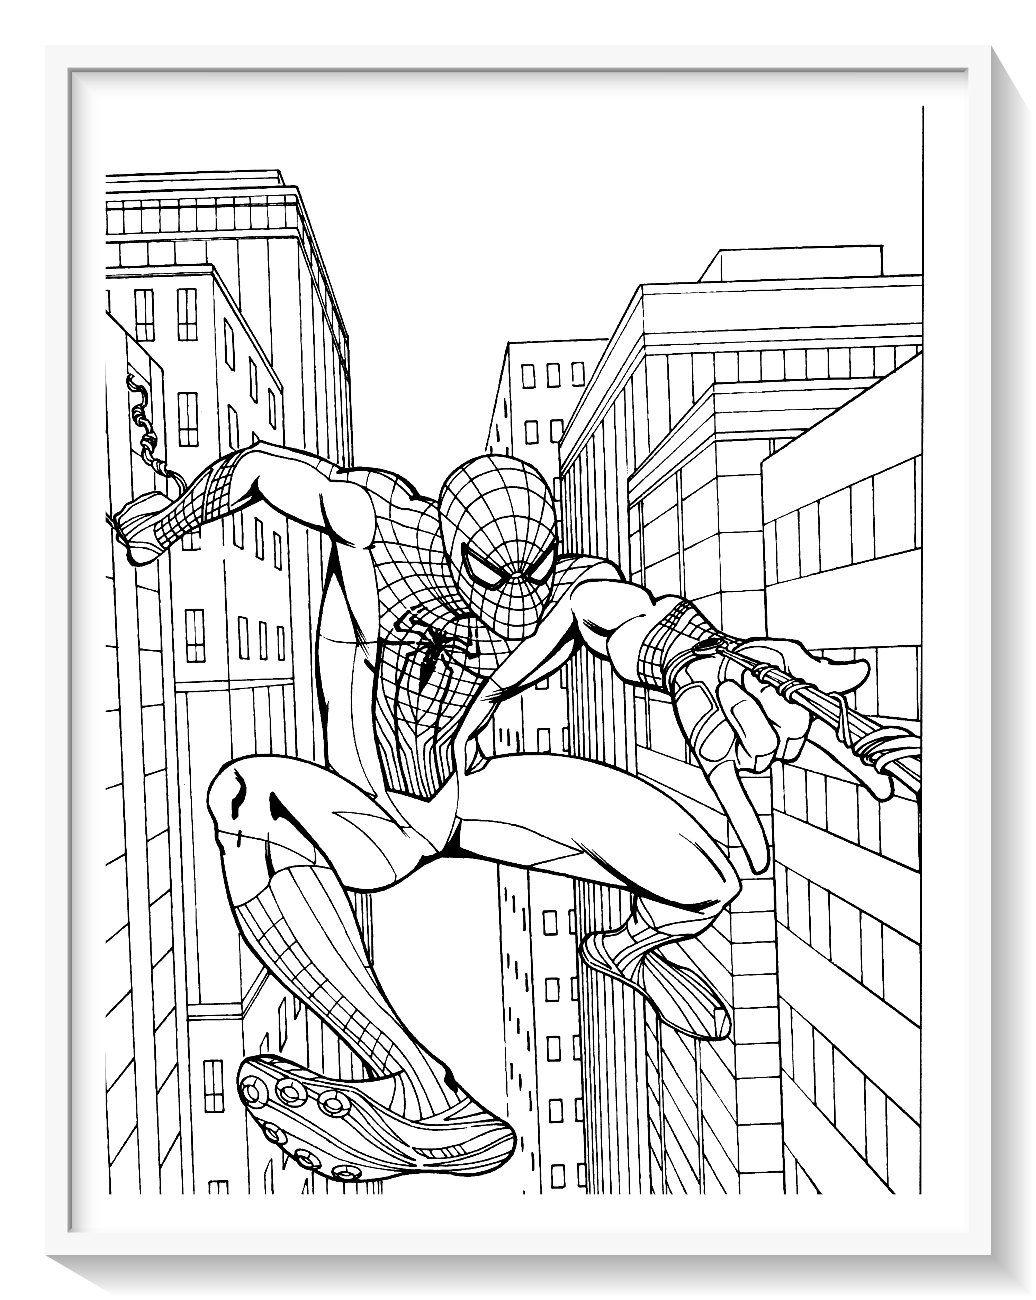 Los Mas Lindos Dibujos De Spiderman Hombre Arana Para Colorear Y Pintar A Todo Color Imagenes Spiderman Coloring Superhero Coloring Pages Superhero Coloring